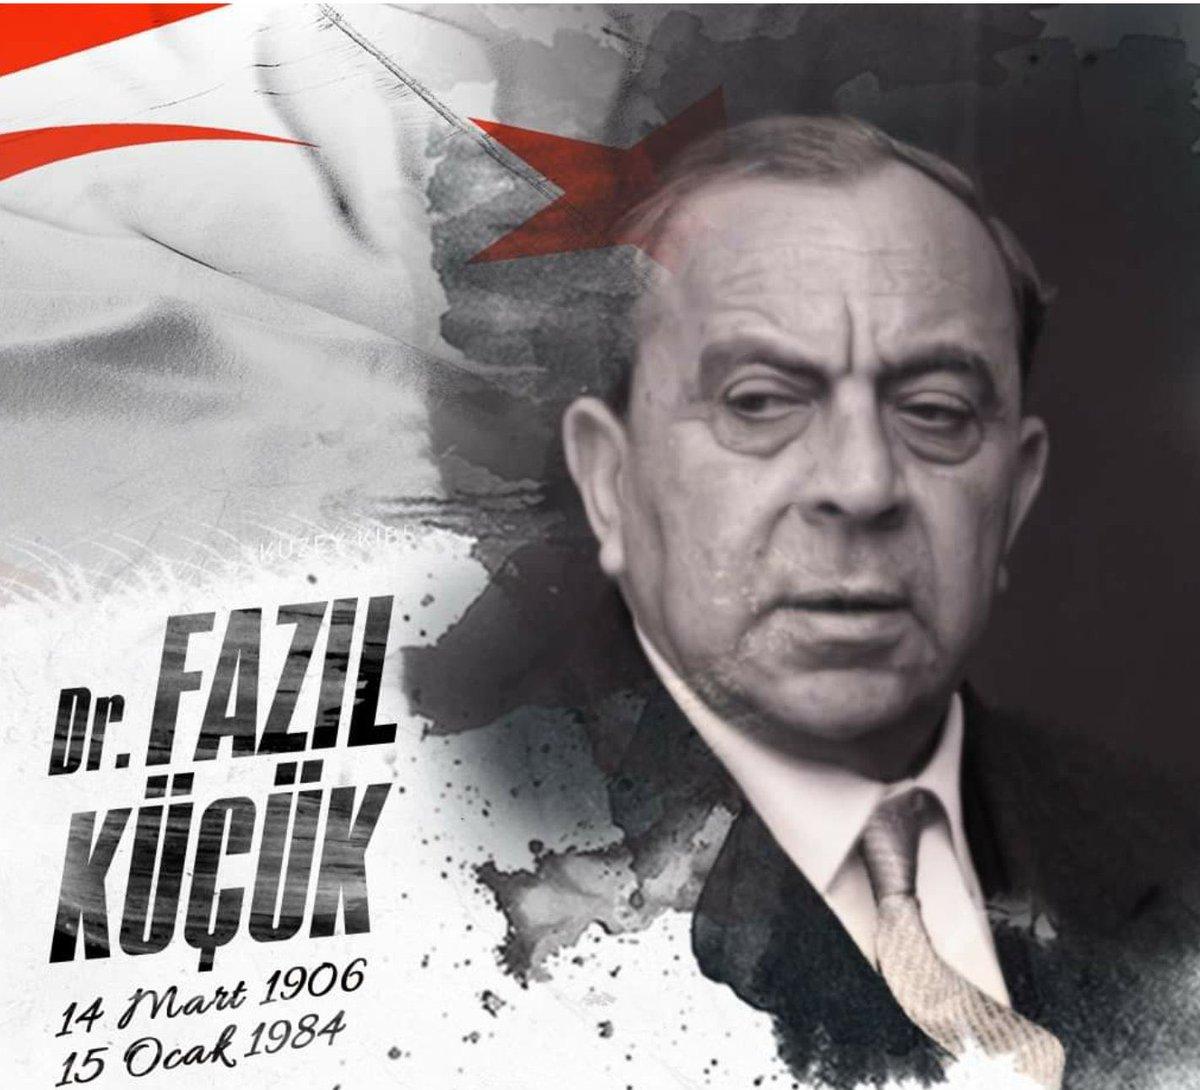 Rauf Denktaş gibi, Kıbrıs Türklüğünün büyük lideri Dr. #FazılKüçük'ü de sonsuzluğa yürüyüşünün 37. yıl dönümünde saygı, sevgi ve özlemle anıyoruz. #KKTC https://t.co/NxnaVNHTUc